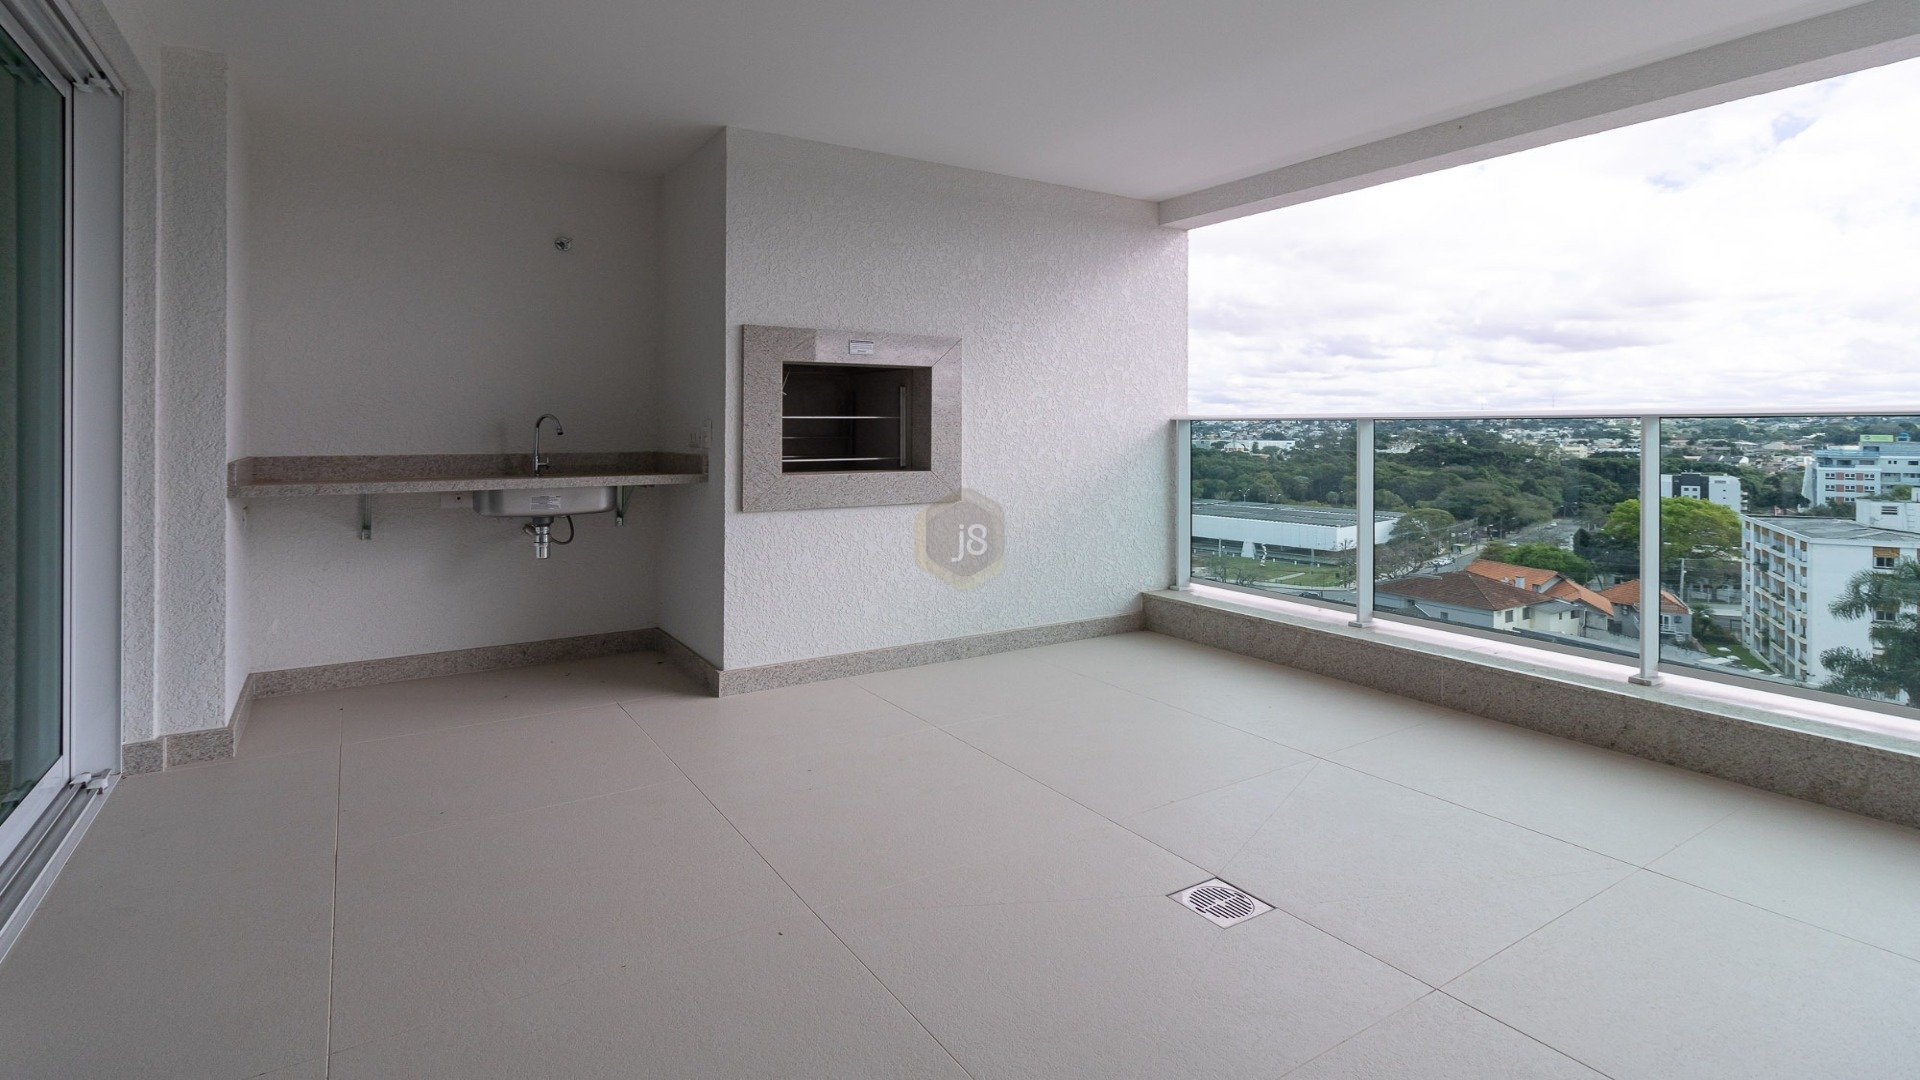 Foto de destaque Vista maravilhosa em um apartamento de altíssimo padrão